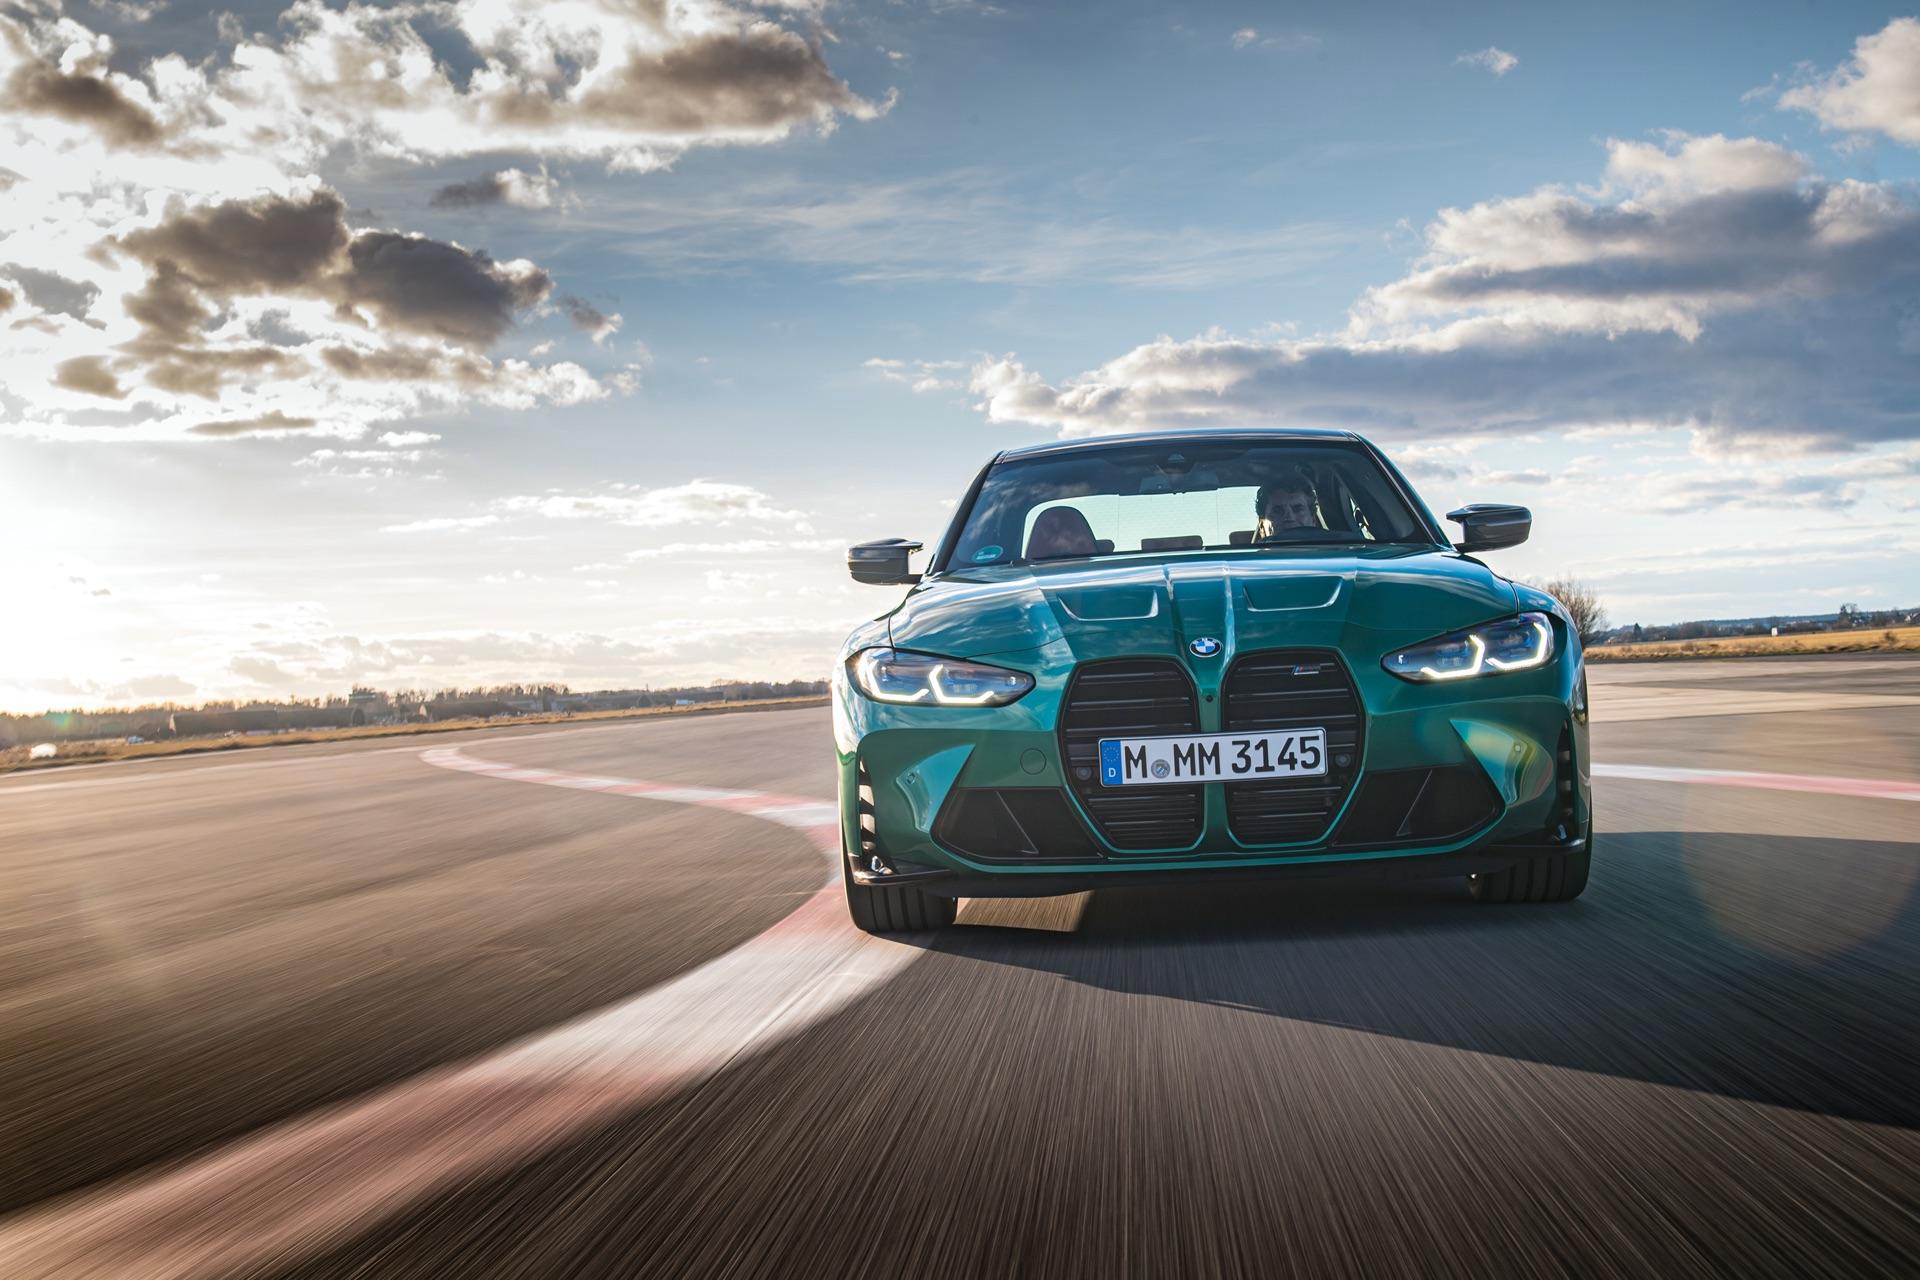 2022 BMW M3 wallpaper green